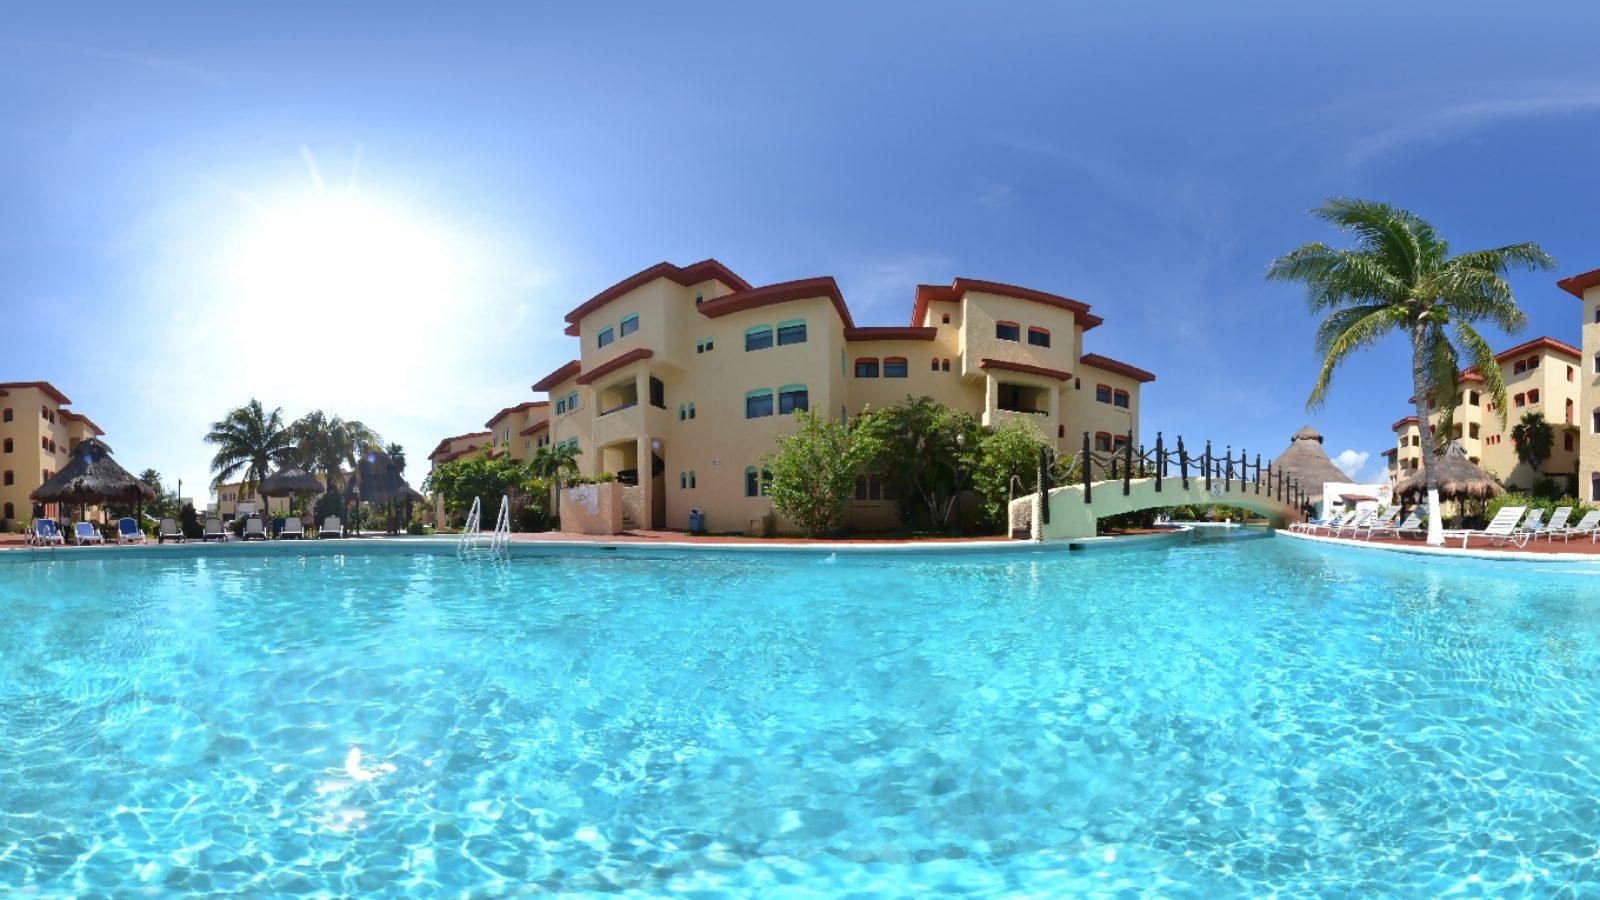 image El hotel de los 5 polvos 2000 full movie